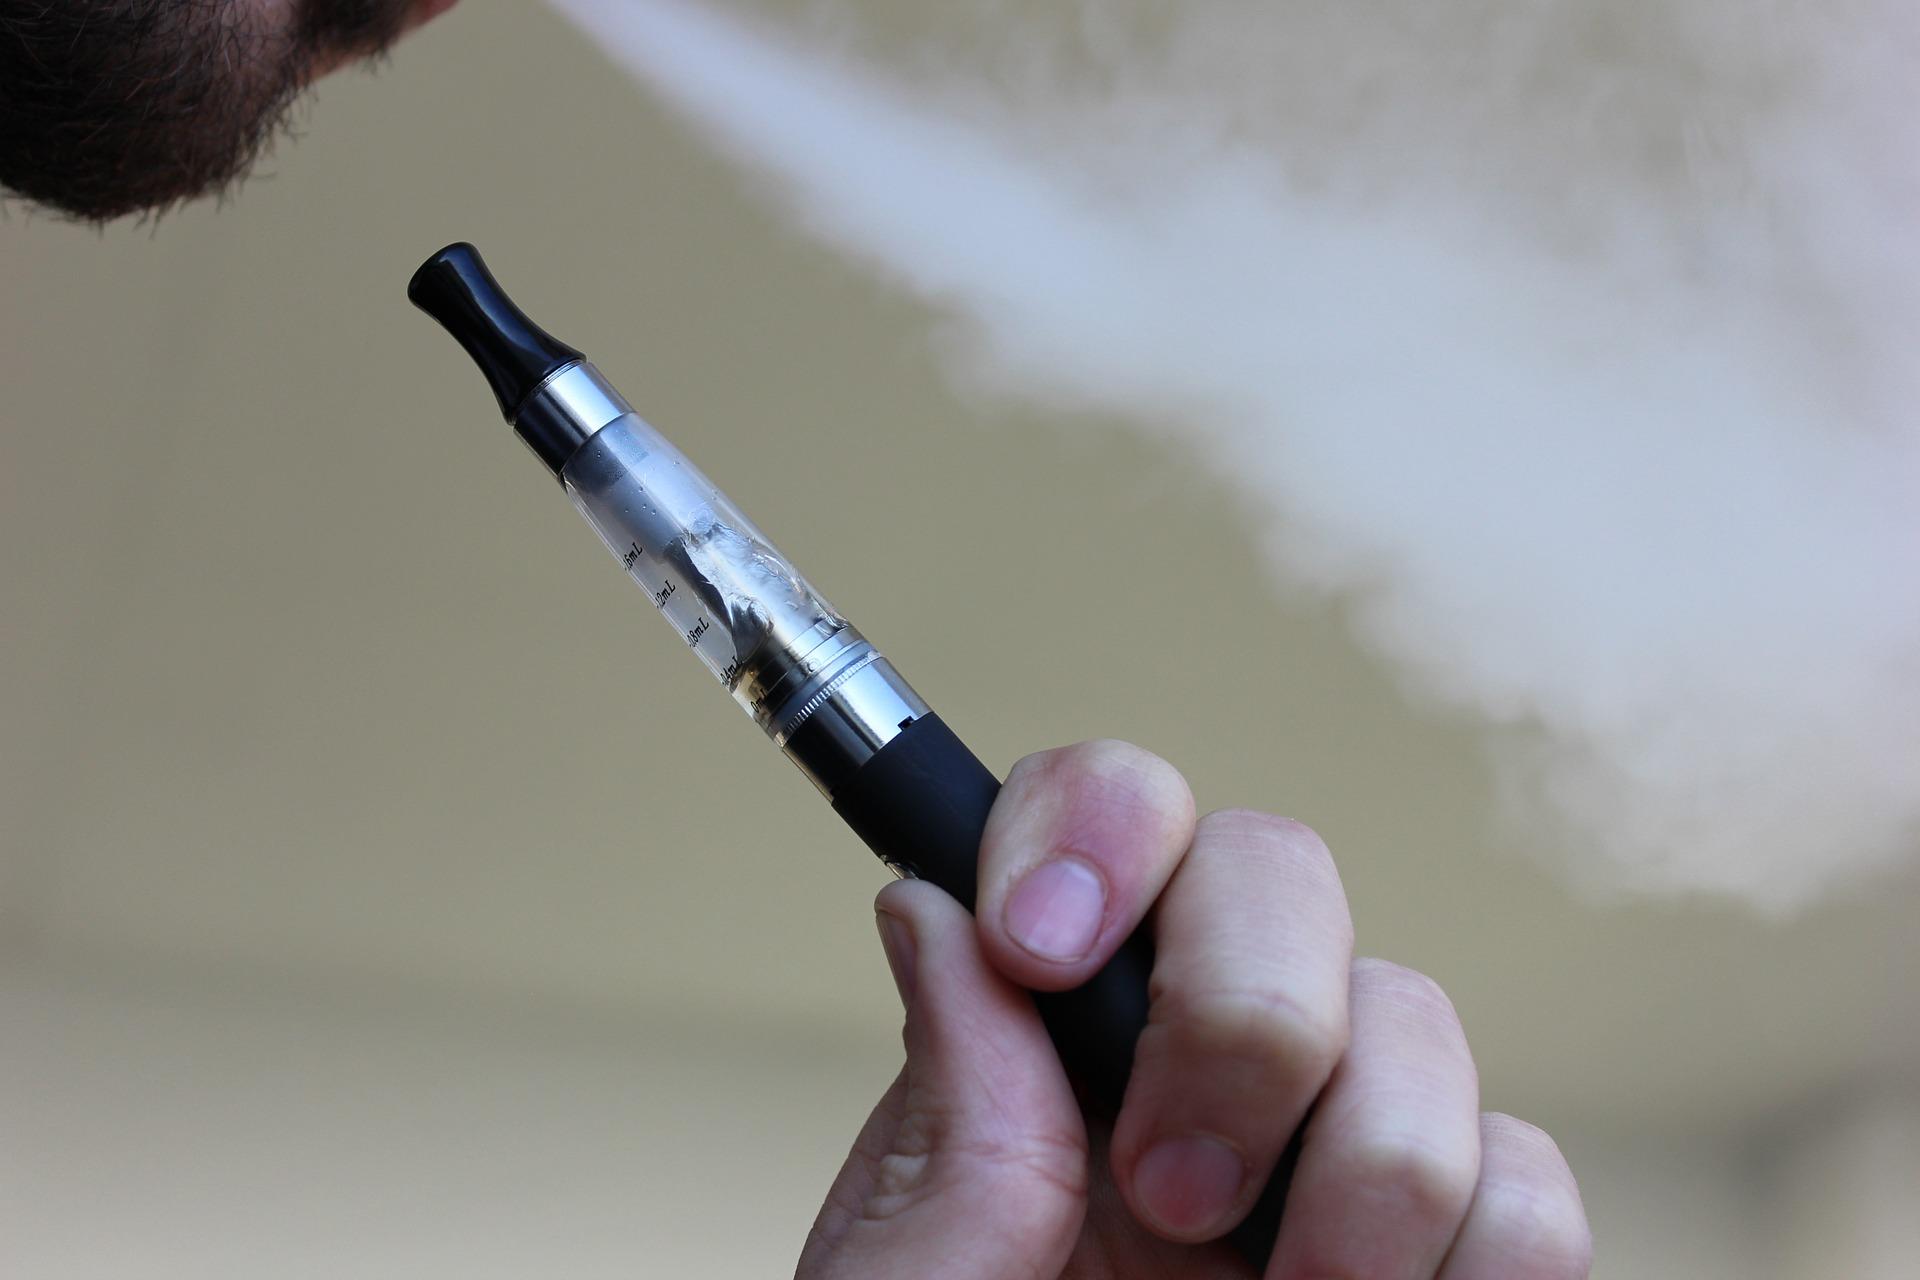 Verschiedene Zugtechniken für's Dampfen der E-Zigarette